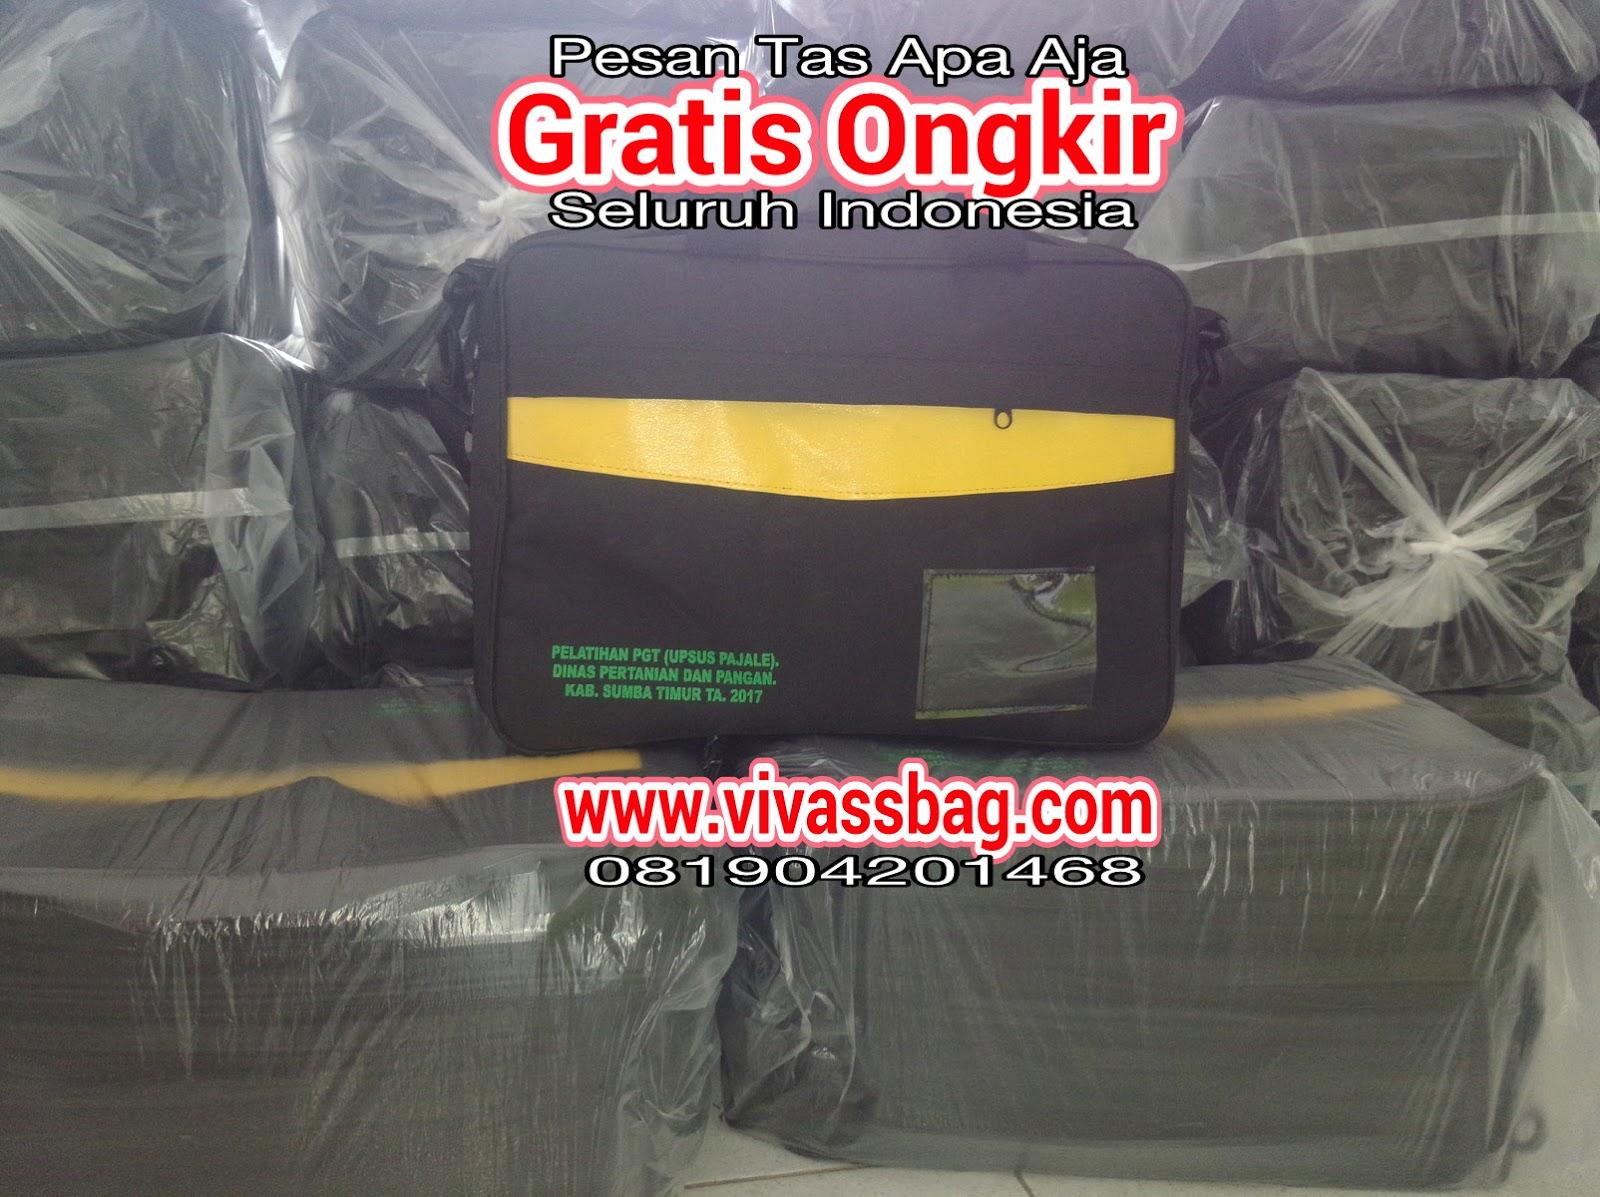 Vivass Bag sebagai pabrik tas seminar unik murah memberikan gratis ongkir  seluruh Indonesia saat ini Alhamdulillah mendapatkan kepercayaan dari Dinas  ... 40e0babb7e